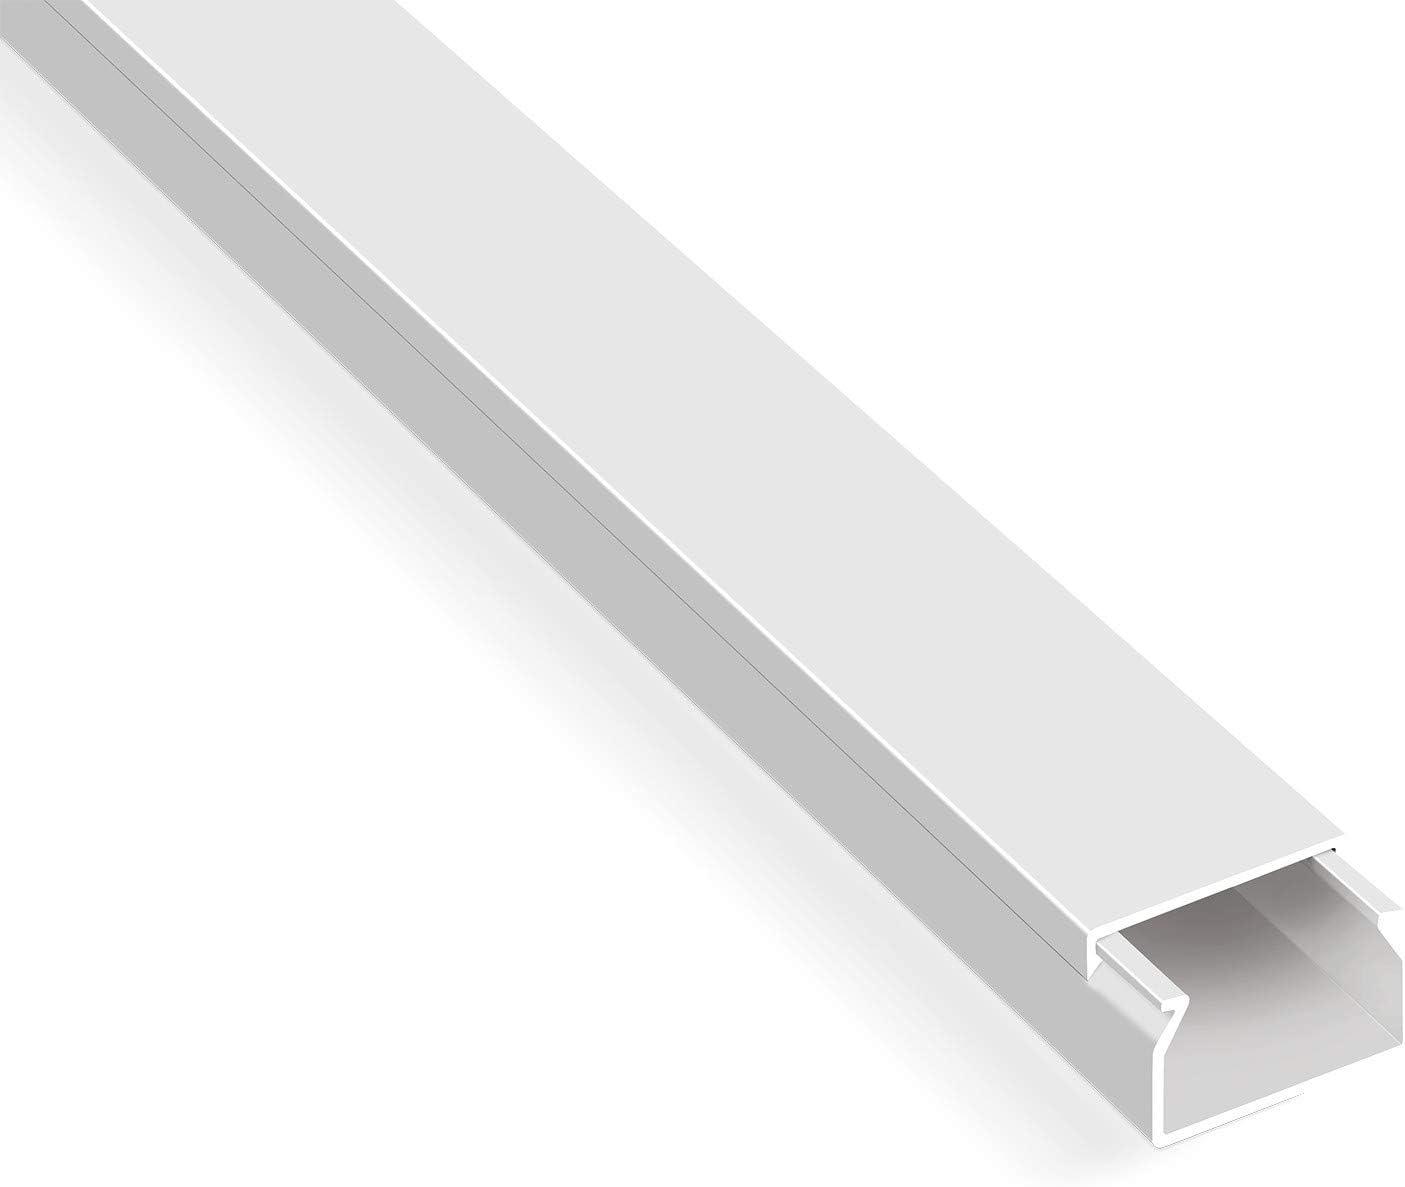 10m Kabelkanäle Selbstklebender Kabelkanal Weiß Mit Schaumklebeband Fertig Für Die Montage Kabelabdeckung 2 X 1 X 100 Cm 10 X 1m Baumarkt